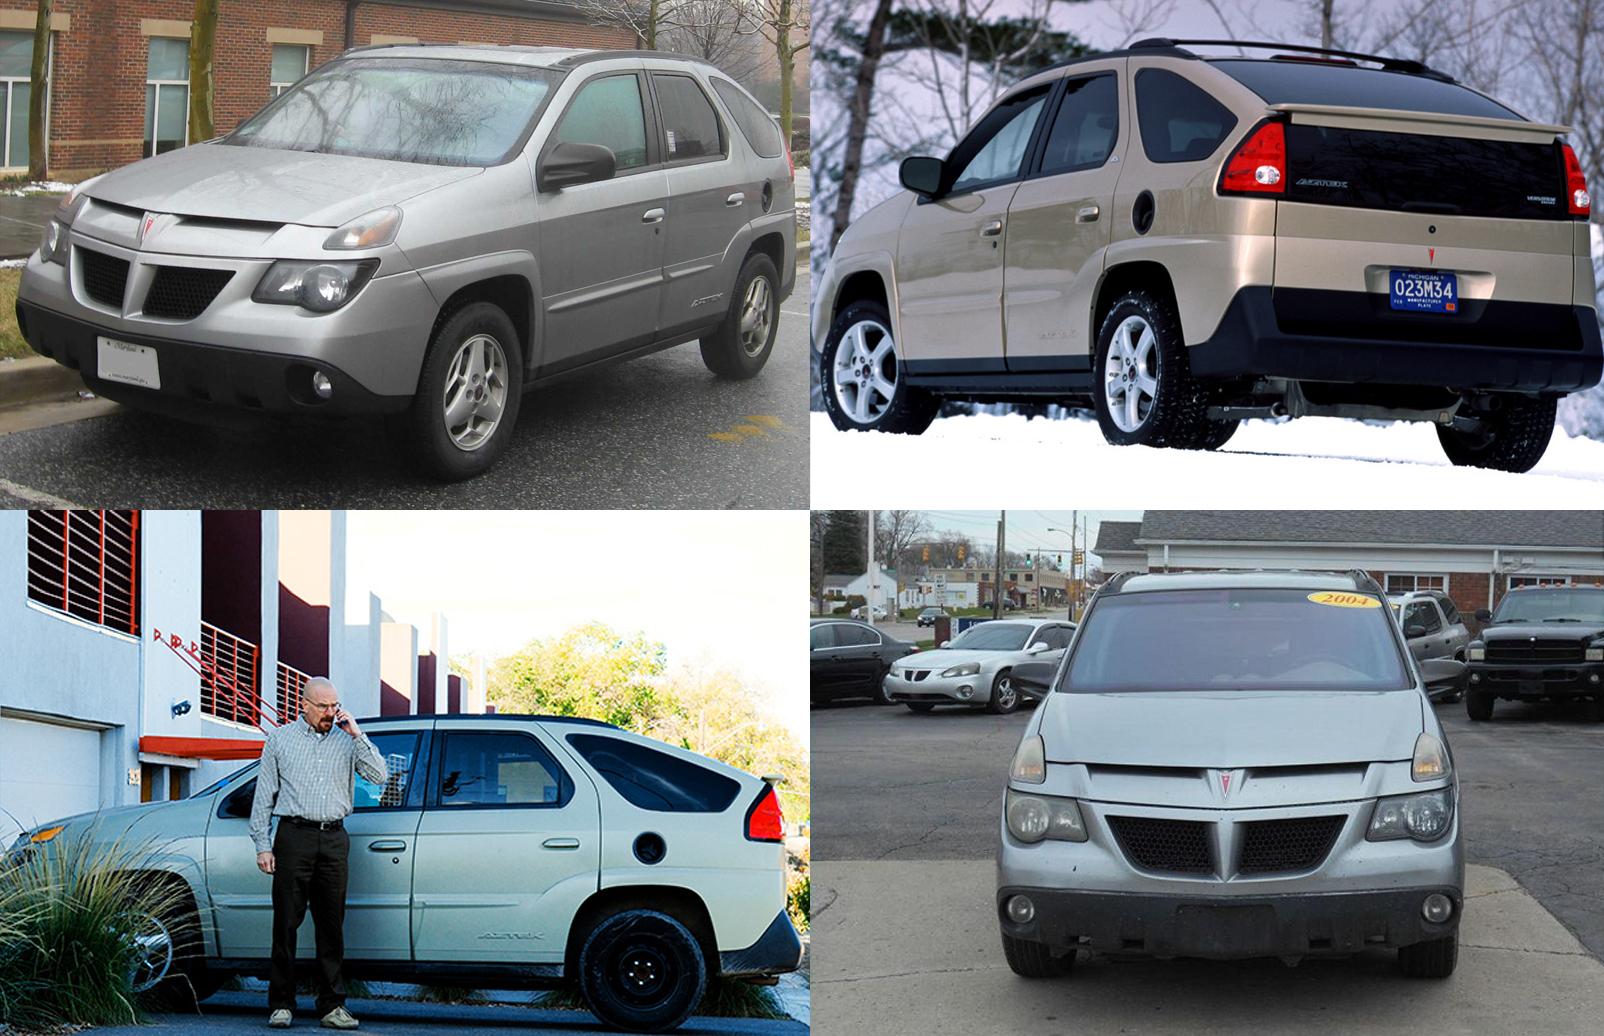 زشتترین خودروهای جهان کدامند؟! +تصاویر